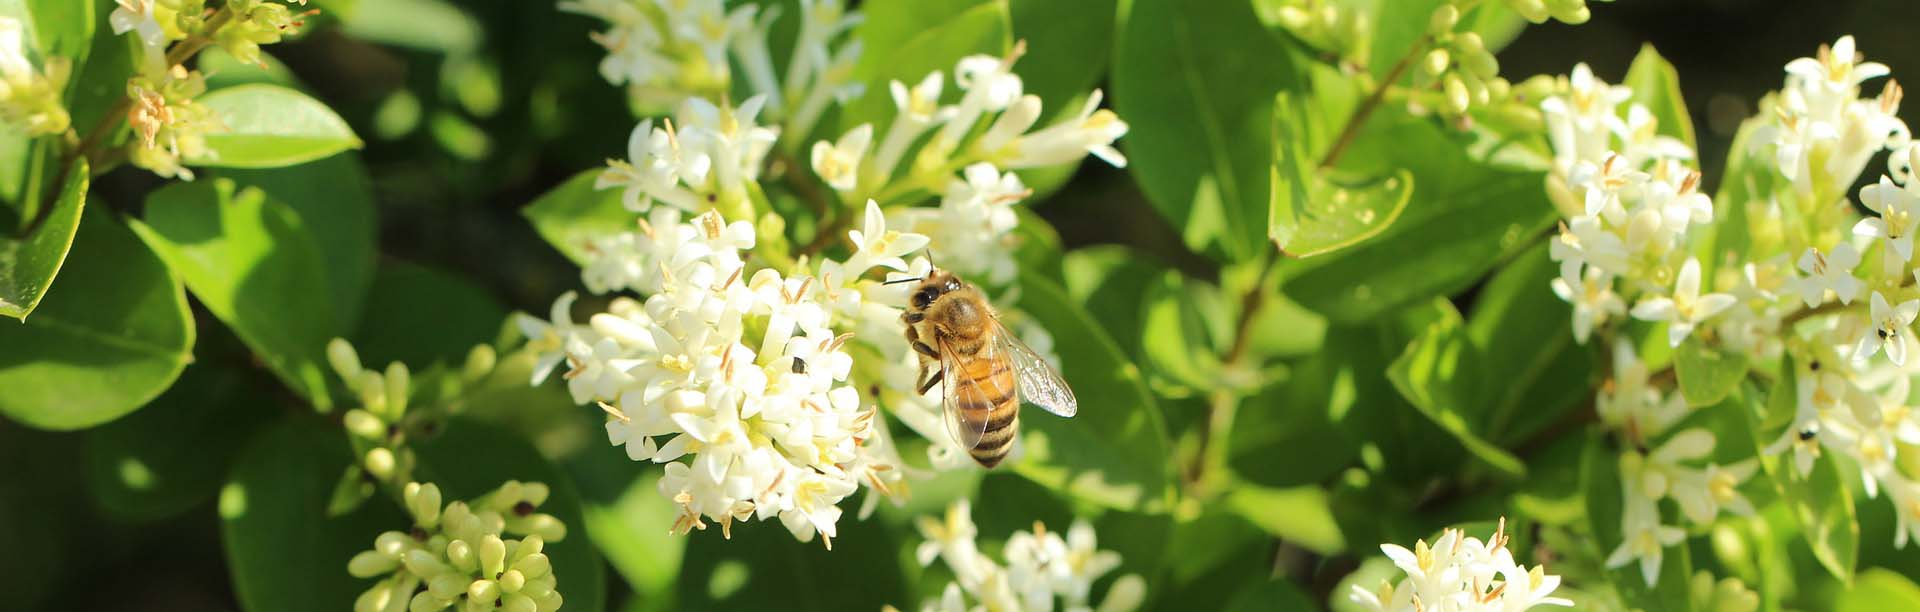 integratori propoli da planetbio naturali api